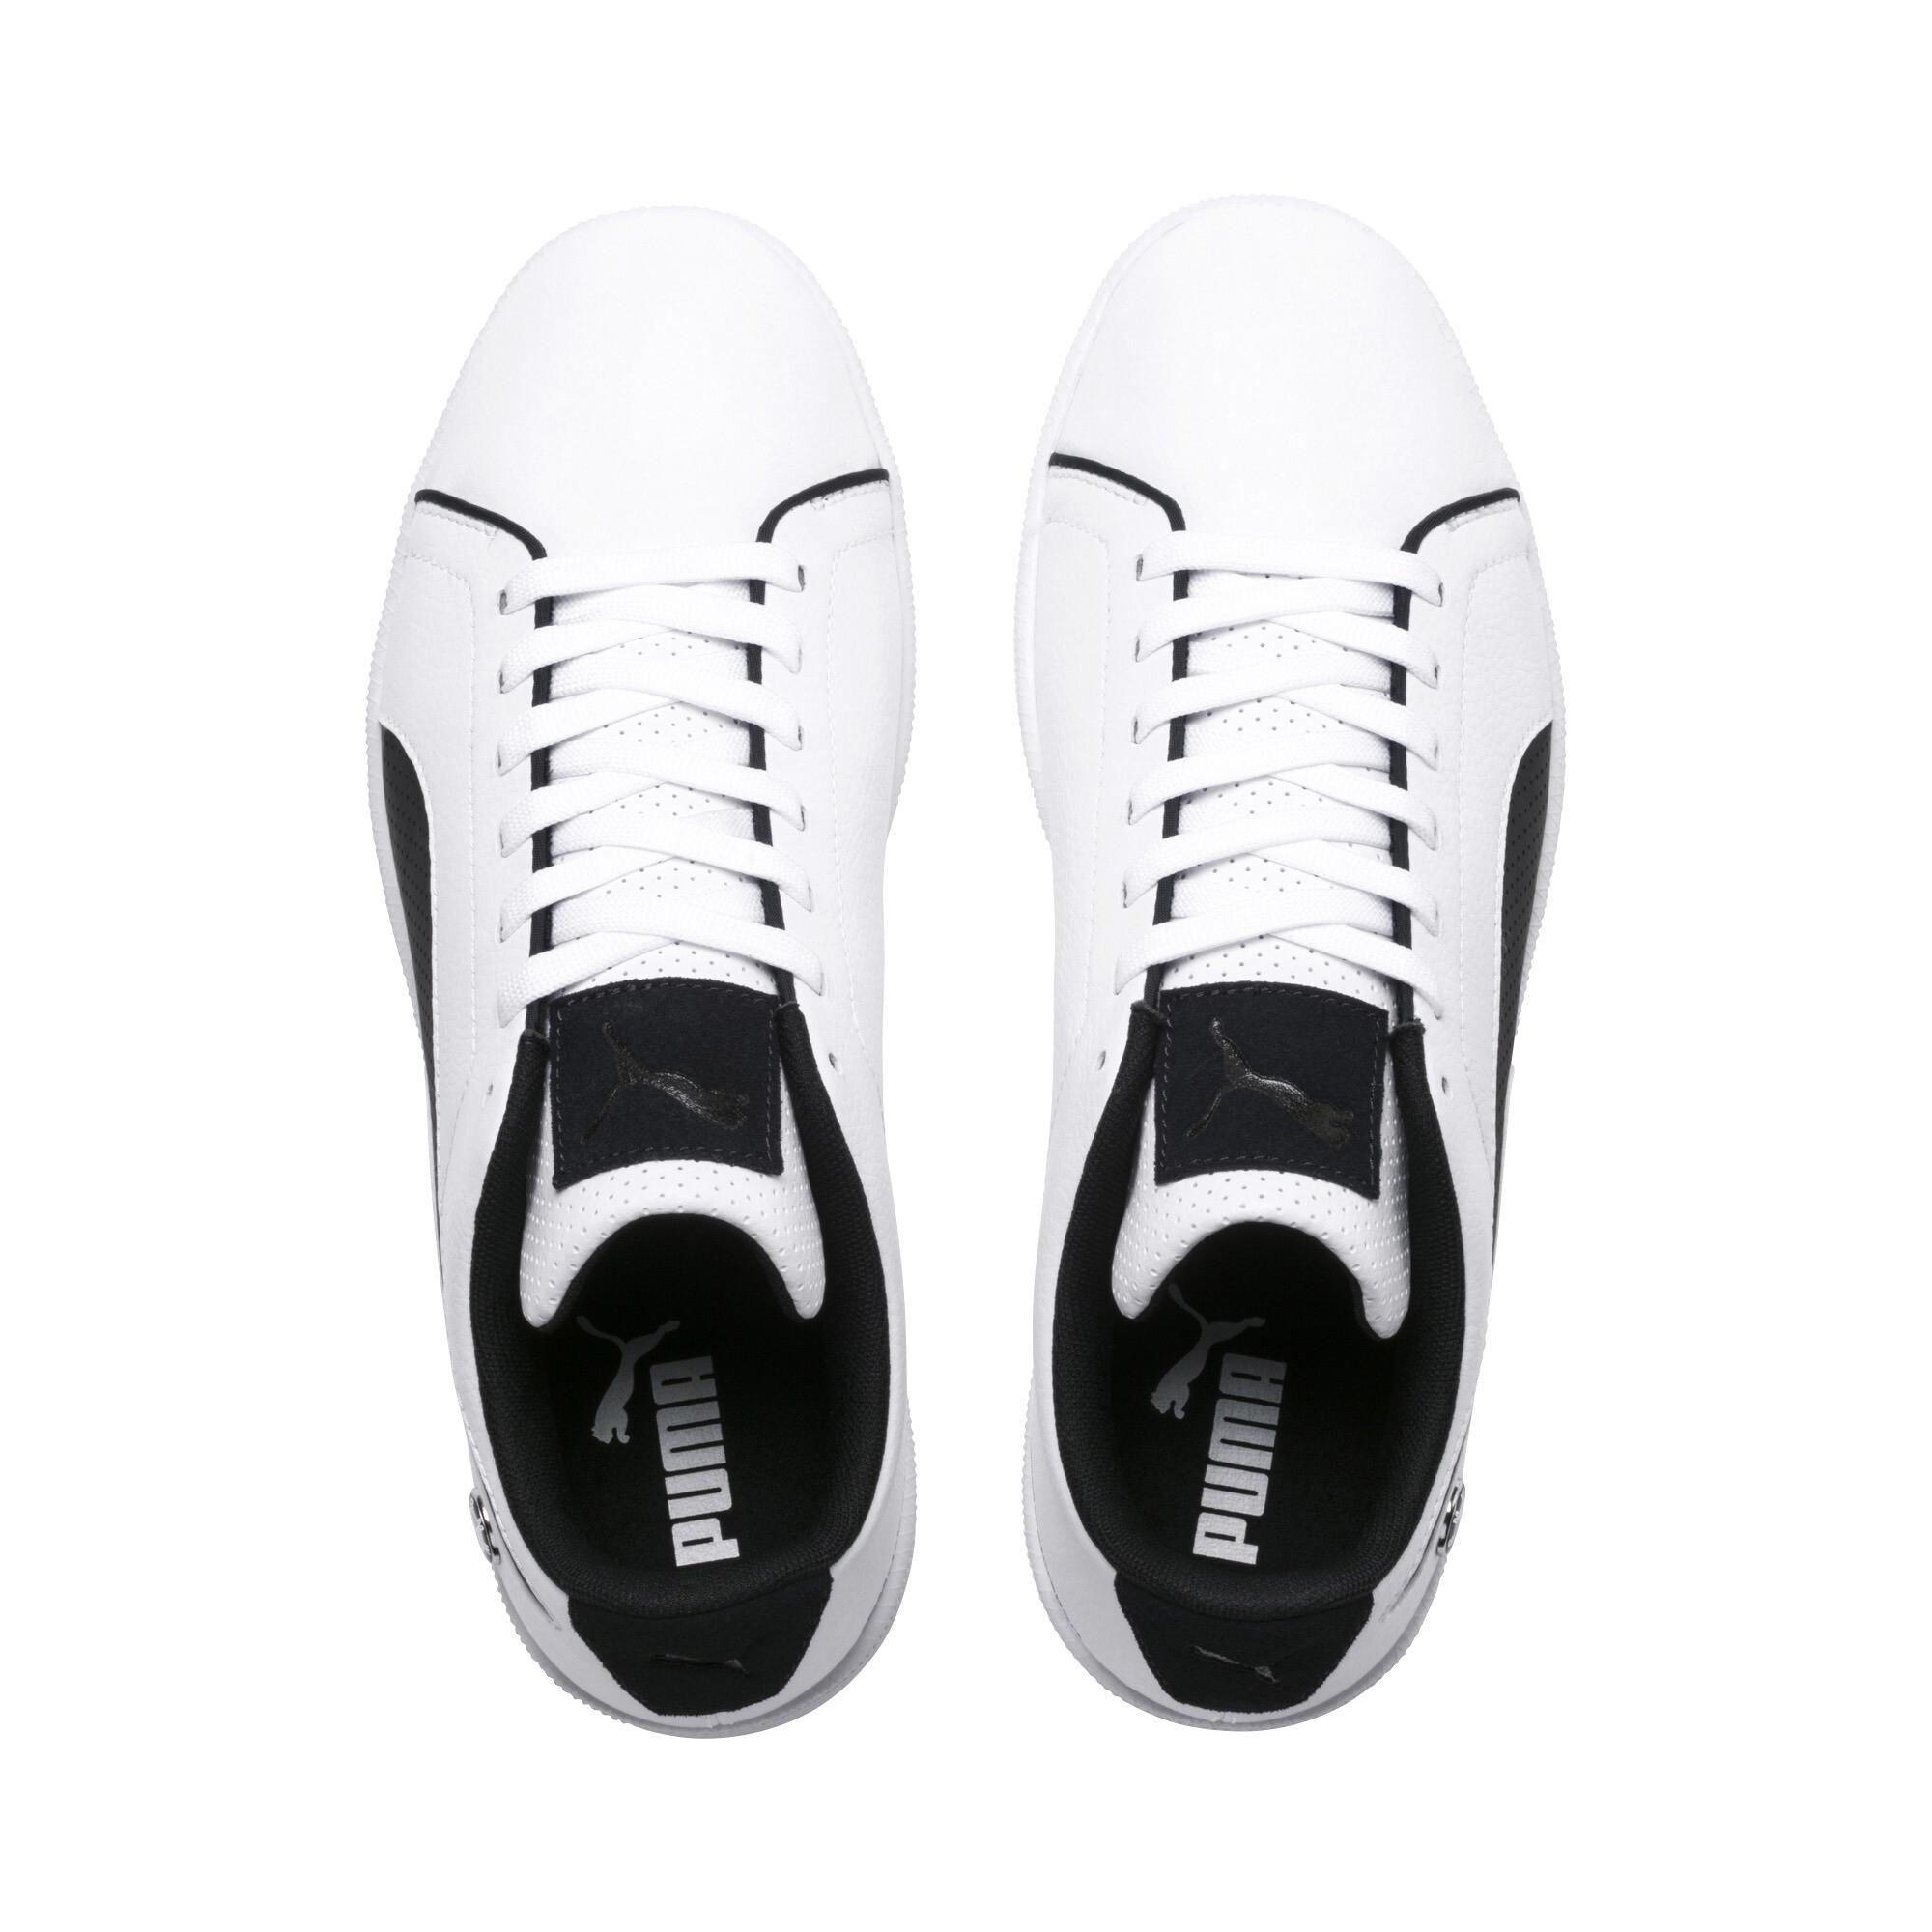 PUMA-BMW-M-Motorsport-Court-Perf-Sneaker-Maenner-Schuhe-Neu Indexbild 13